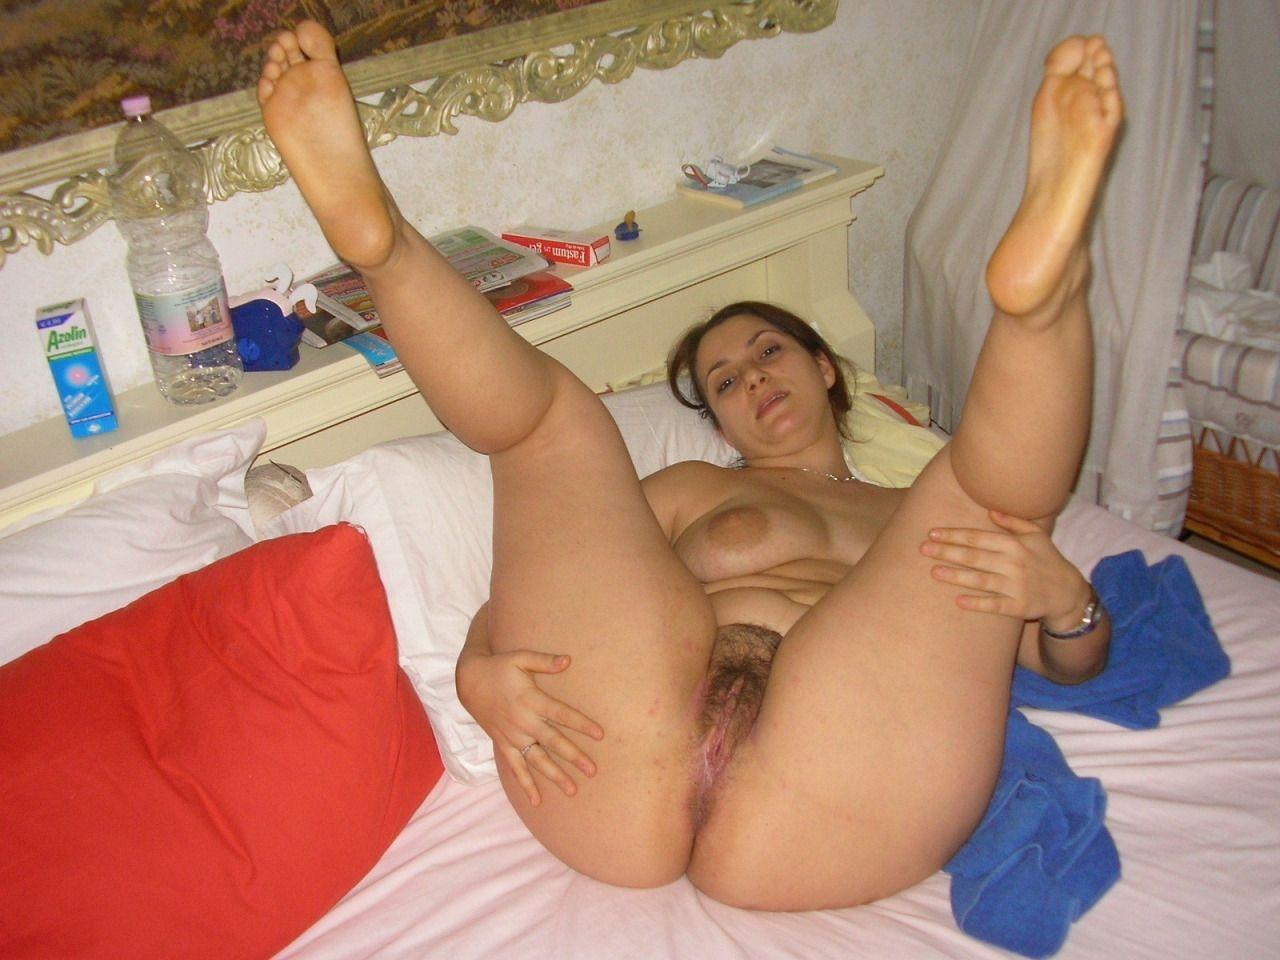 Фотографии голых баб порно, Зрелые порно фото и секс фото 1 фотография